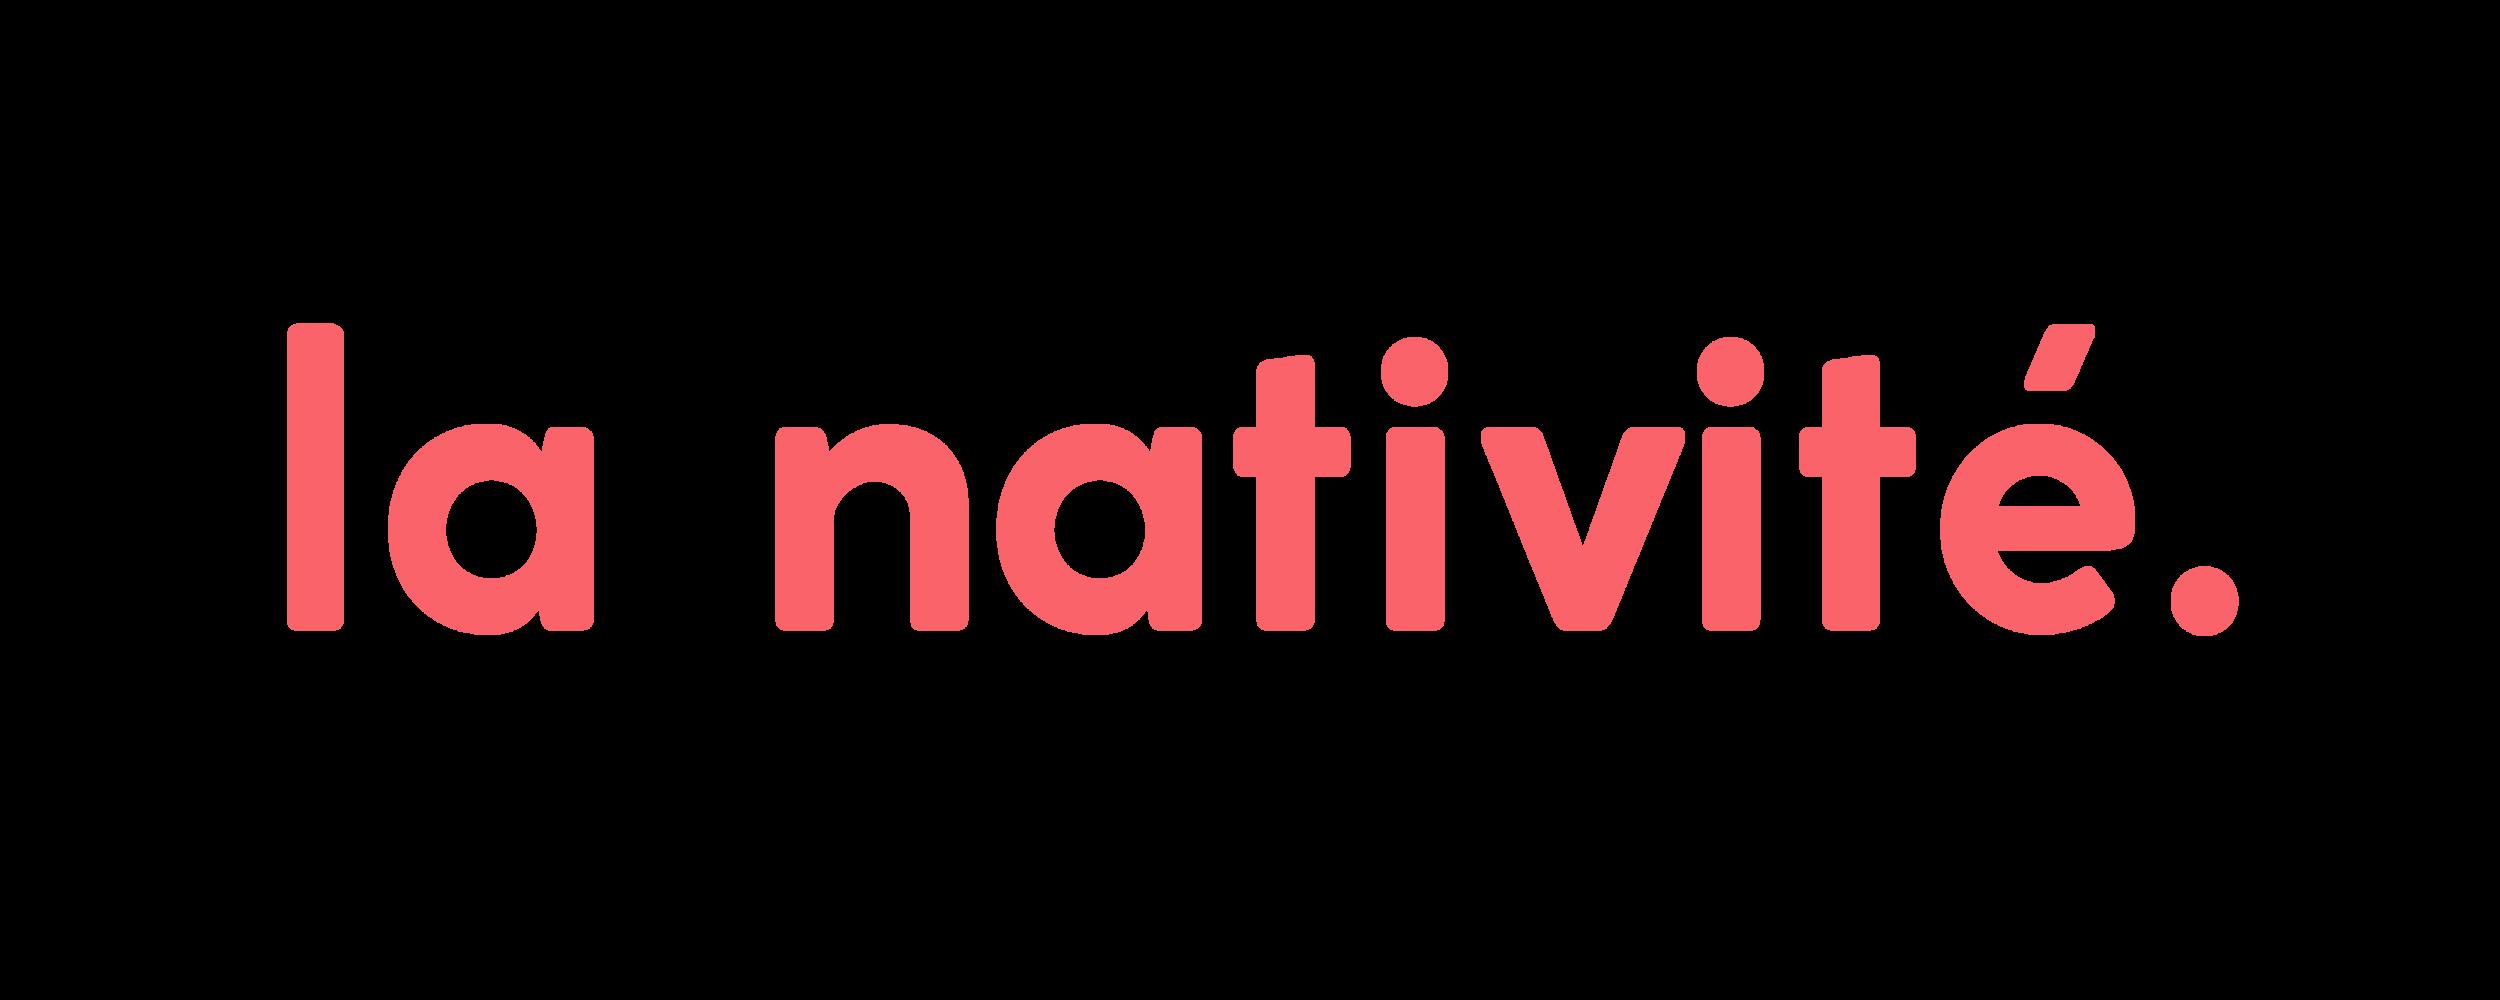 nativite-logo-texte.png